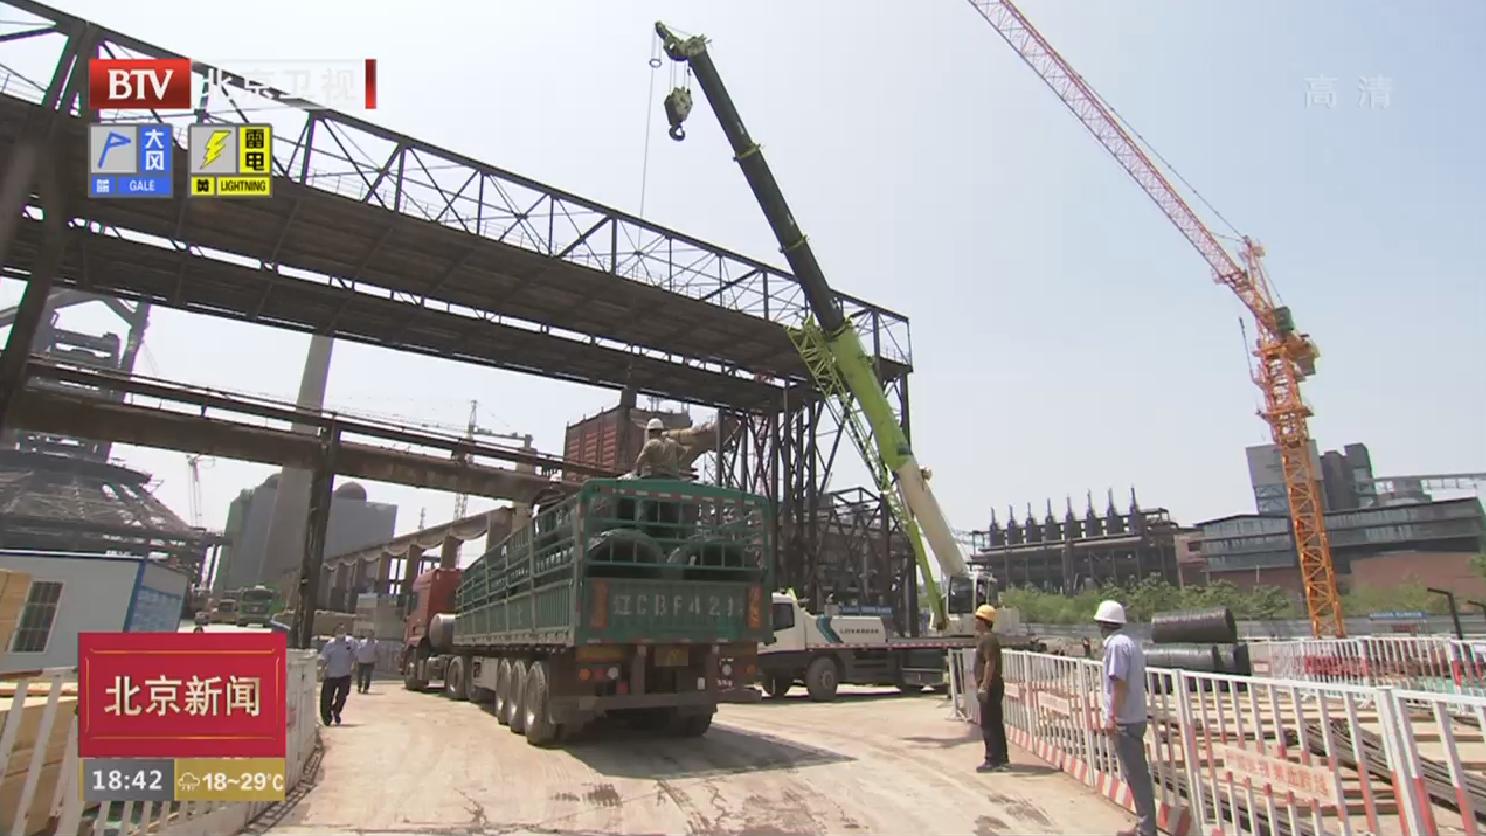 北京:首钢园区揭秘未来场景